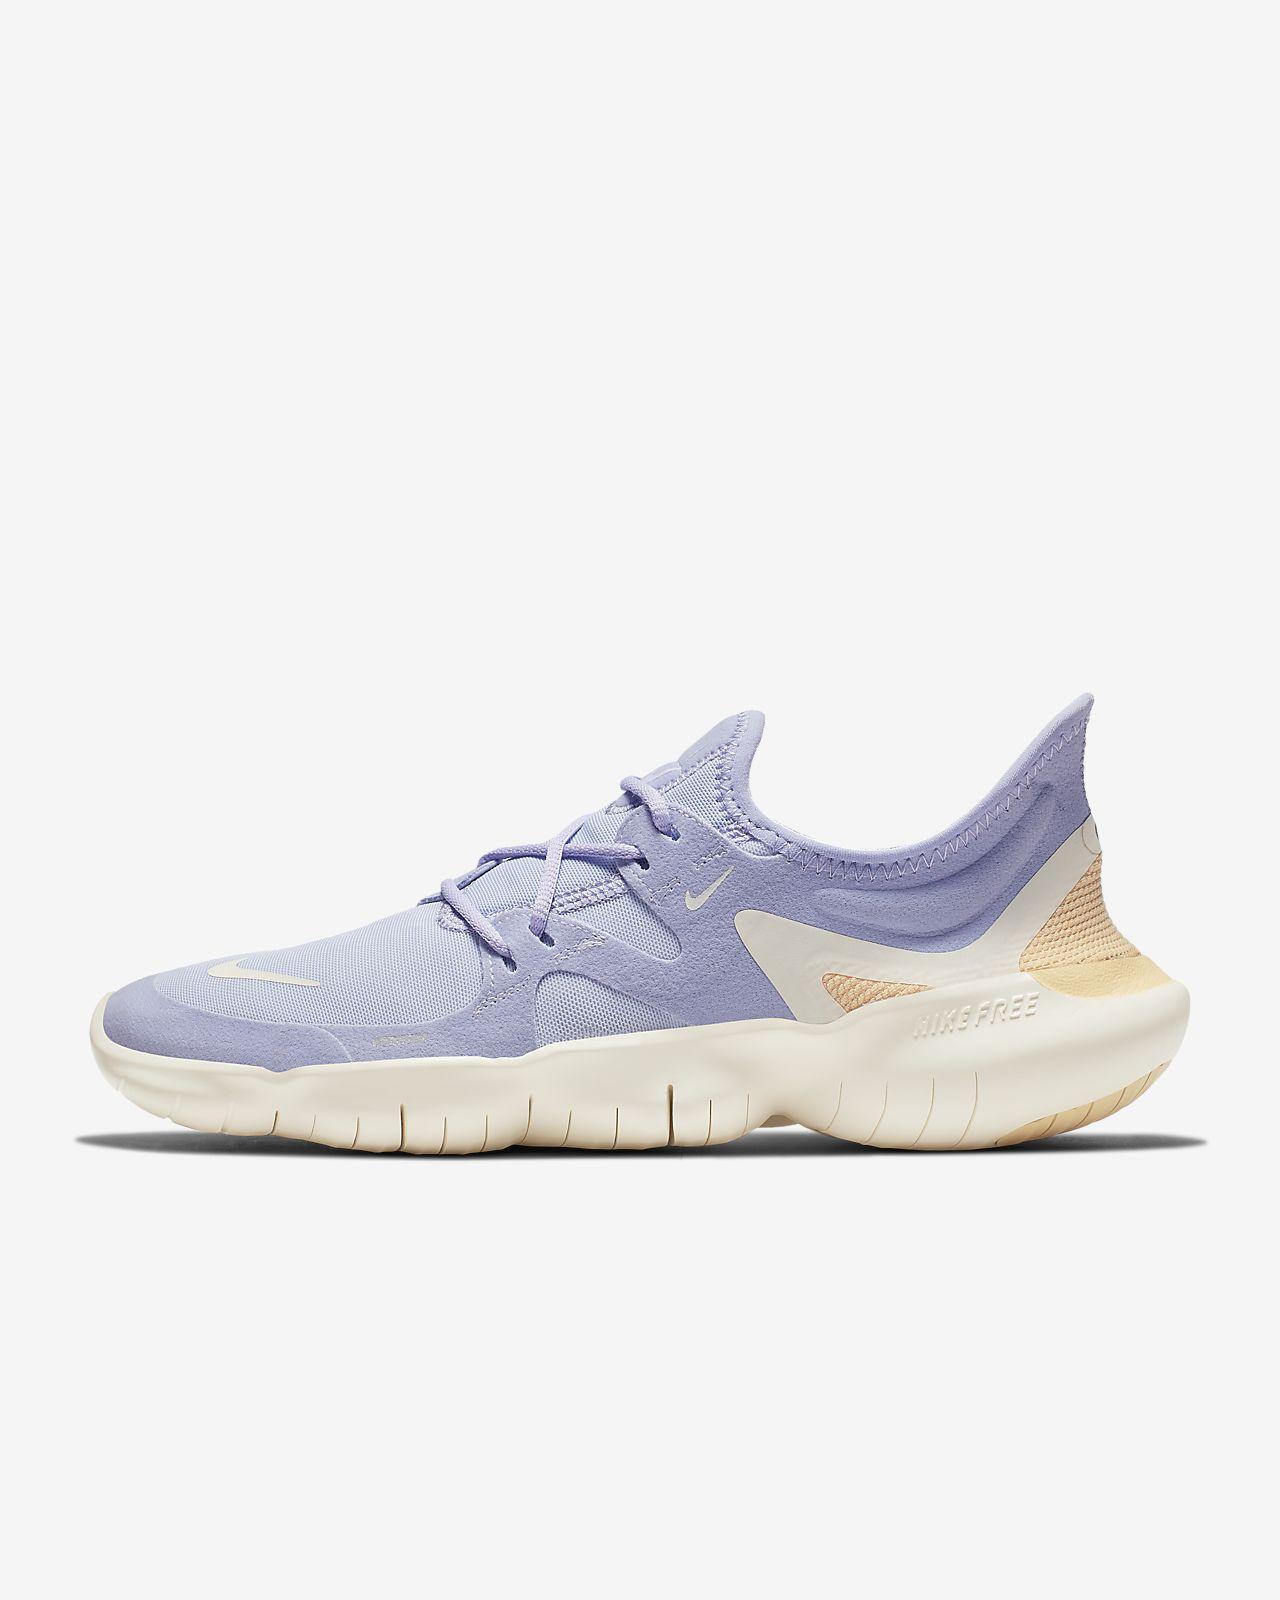 รองเท้าวิ่งผู้หญิง Nike Free RN 5.0